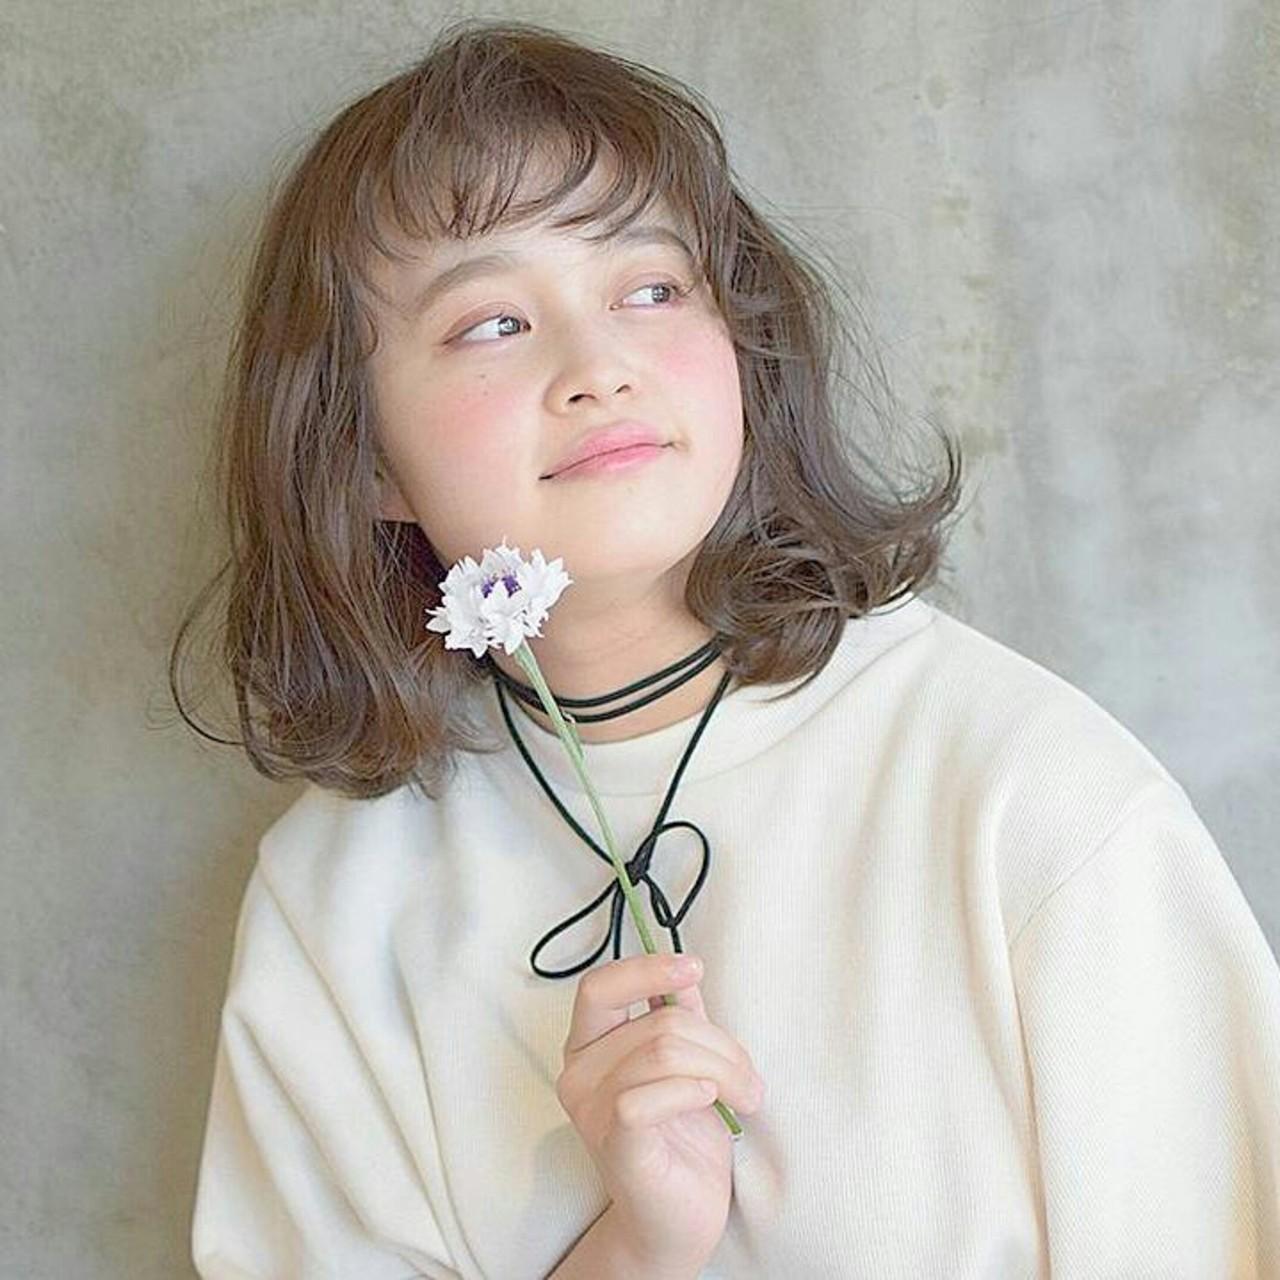 くせ毛風 外国人風 透明感 ゆるふわ ヘアスタイルや髪型の写真・画像 | 鈴木晶子 / arc ginza